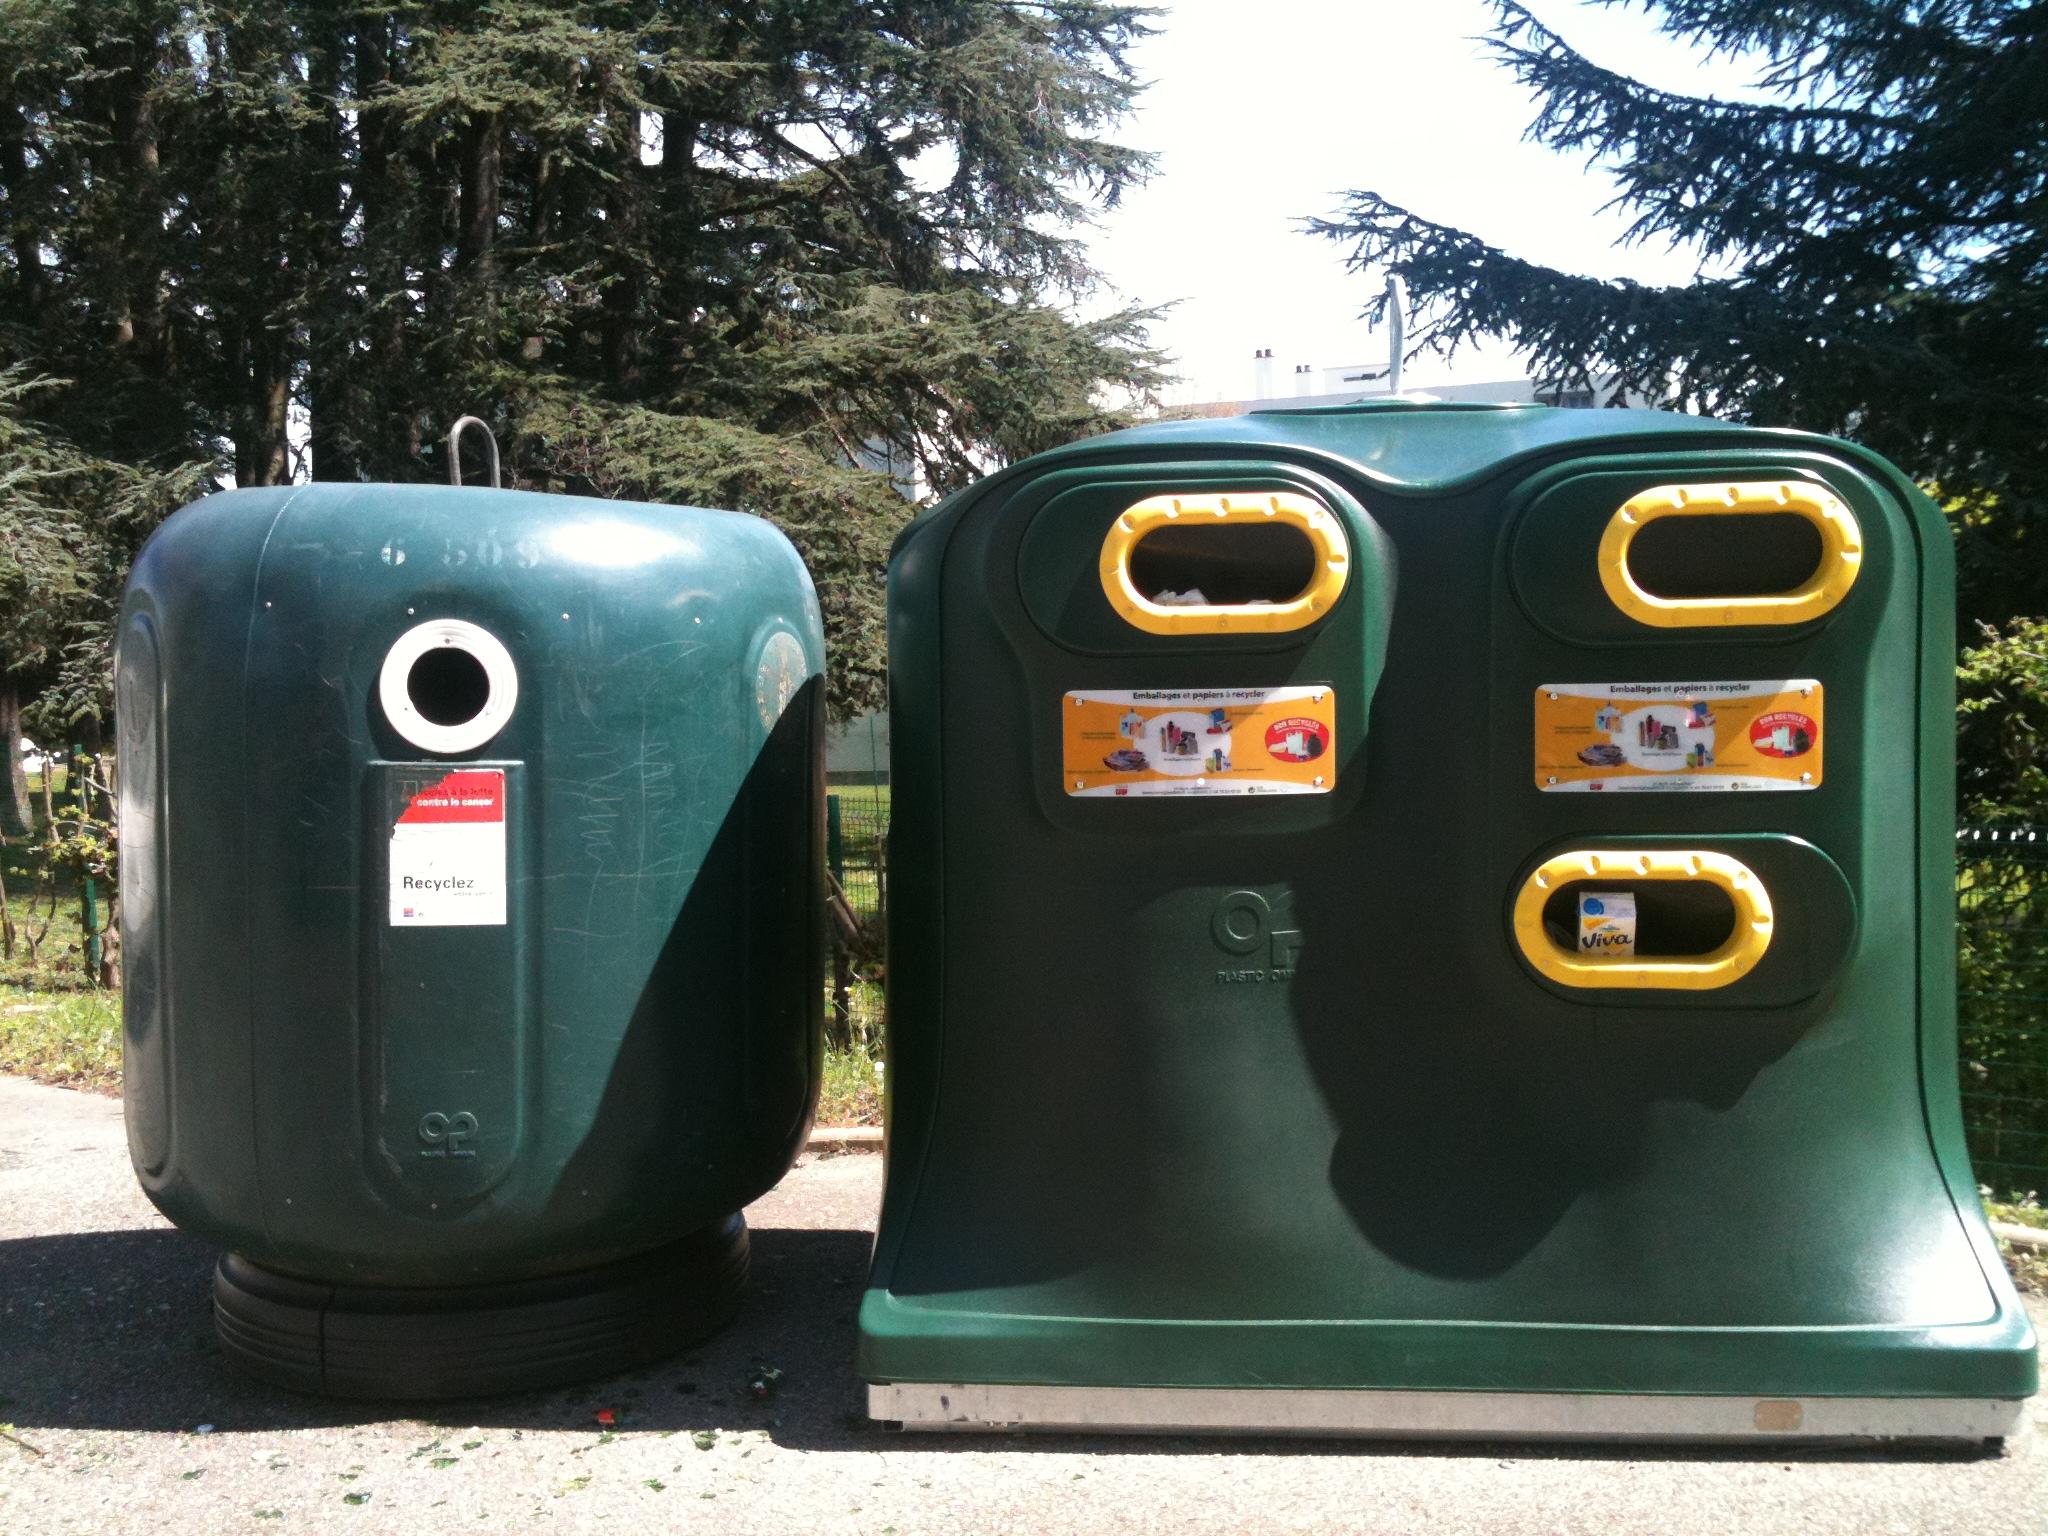 L'Ecole Centrale de Lyon et emlyon business school, déjà associées à Eco-Emballages dans le cadre de la chaire Recyclage et Economie Circulaire lancent en collaboration avec le Grand Lyon, les premiers points d'apport volontaire sur le campus d'Ecully